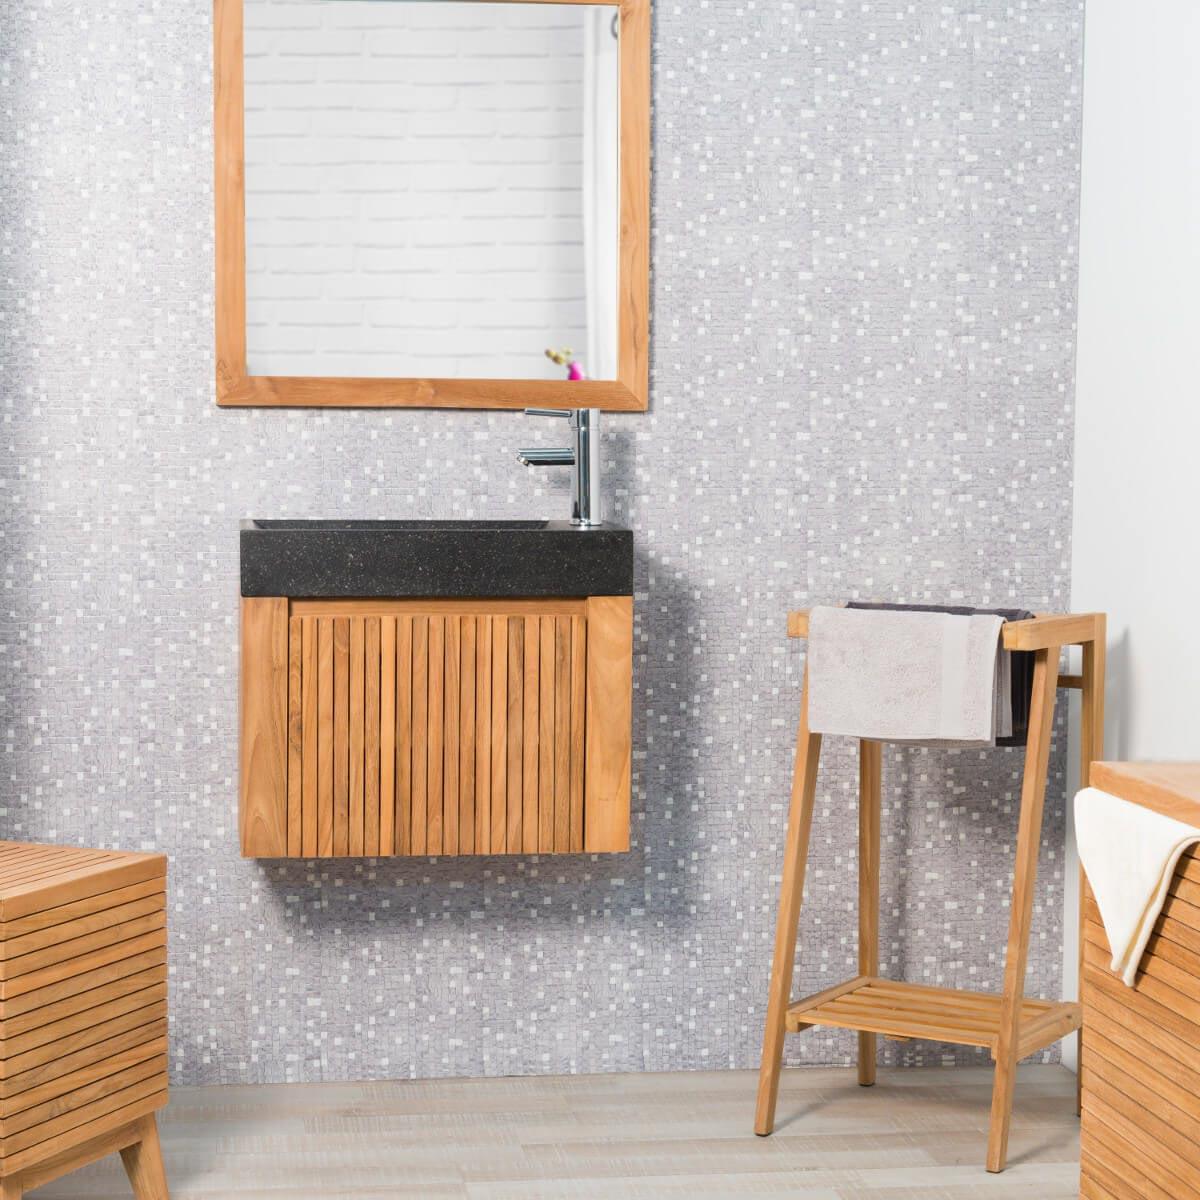 Meuble sous vasque simple vasque suspendu en bois teck for Meuble suspendu noir